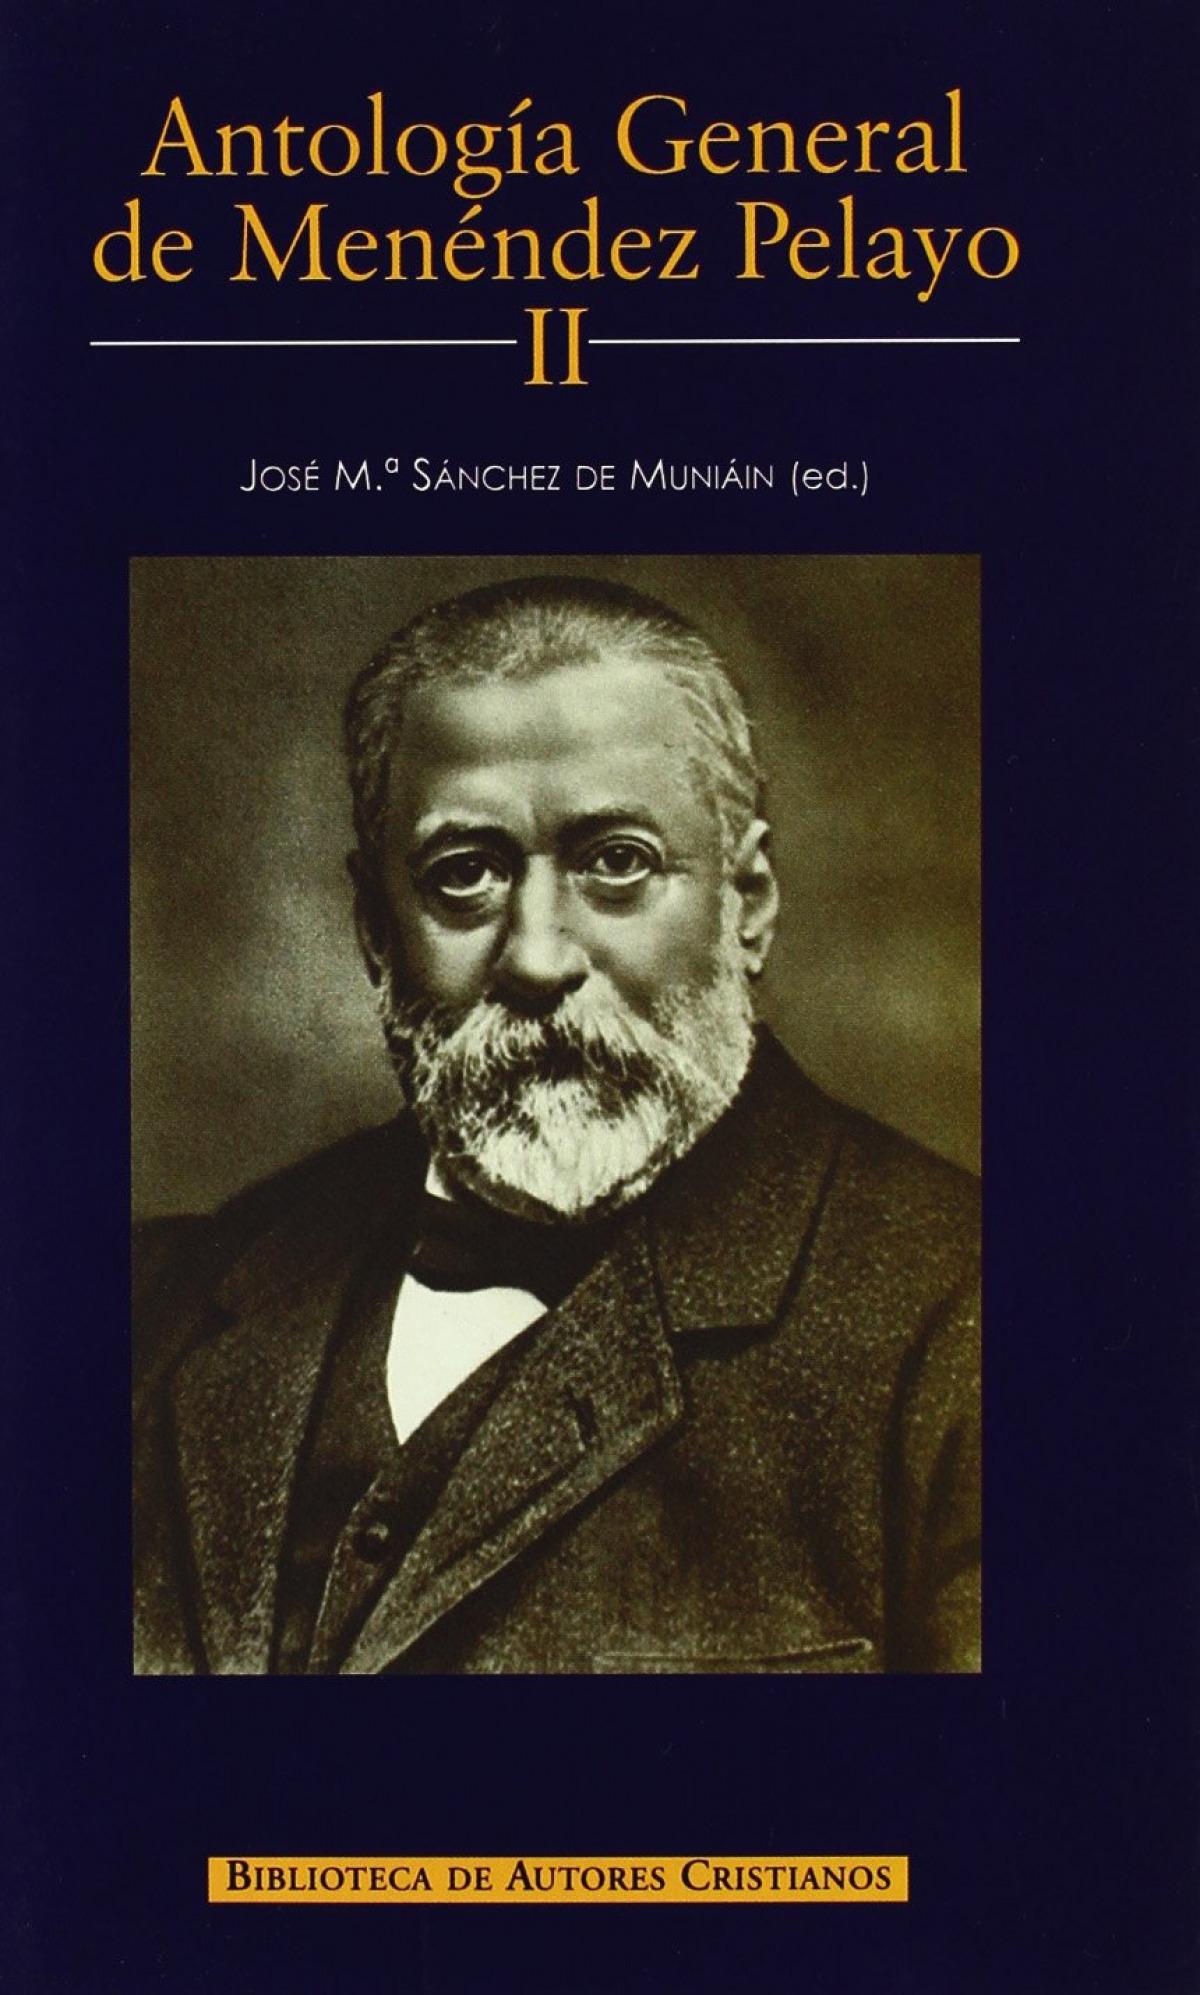 Antologa general de menendez pelayo ii - SANCHEZ DE MUNIÁIN, JOS MARIA